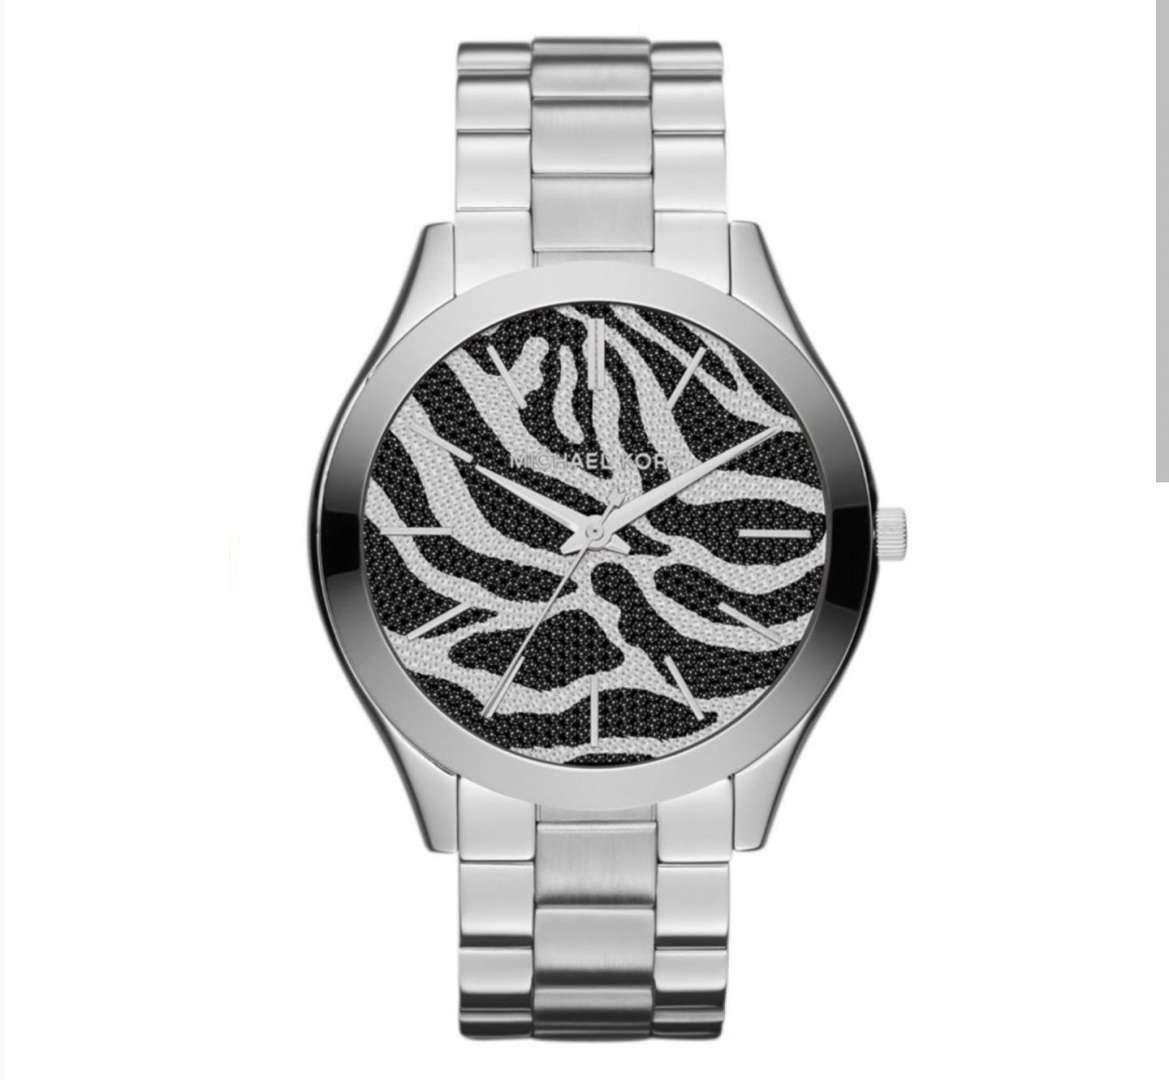 שעון יד אנלוגי michael kors mk3314 מייקל קורס